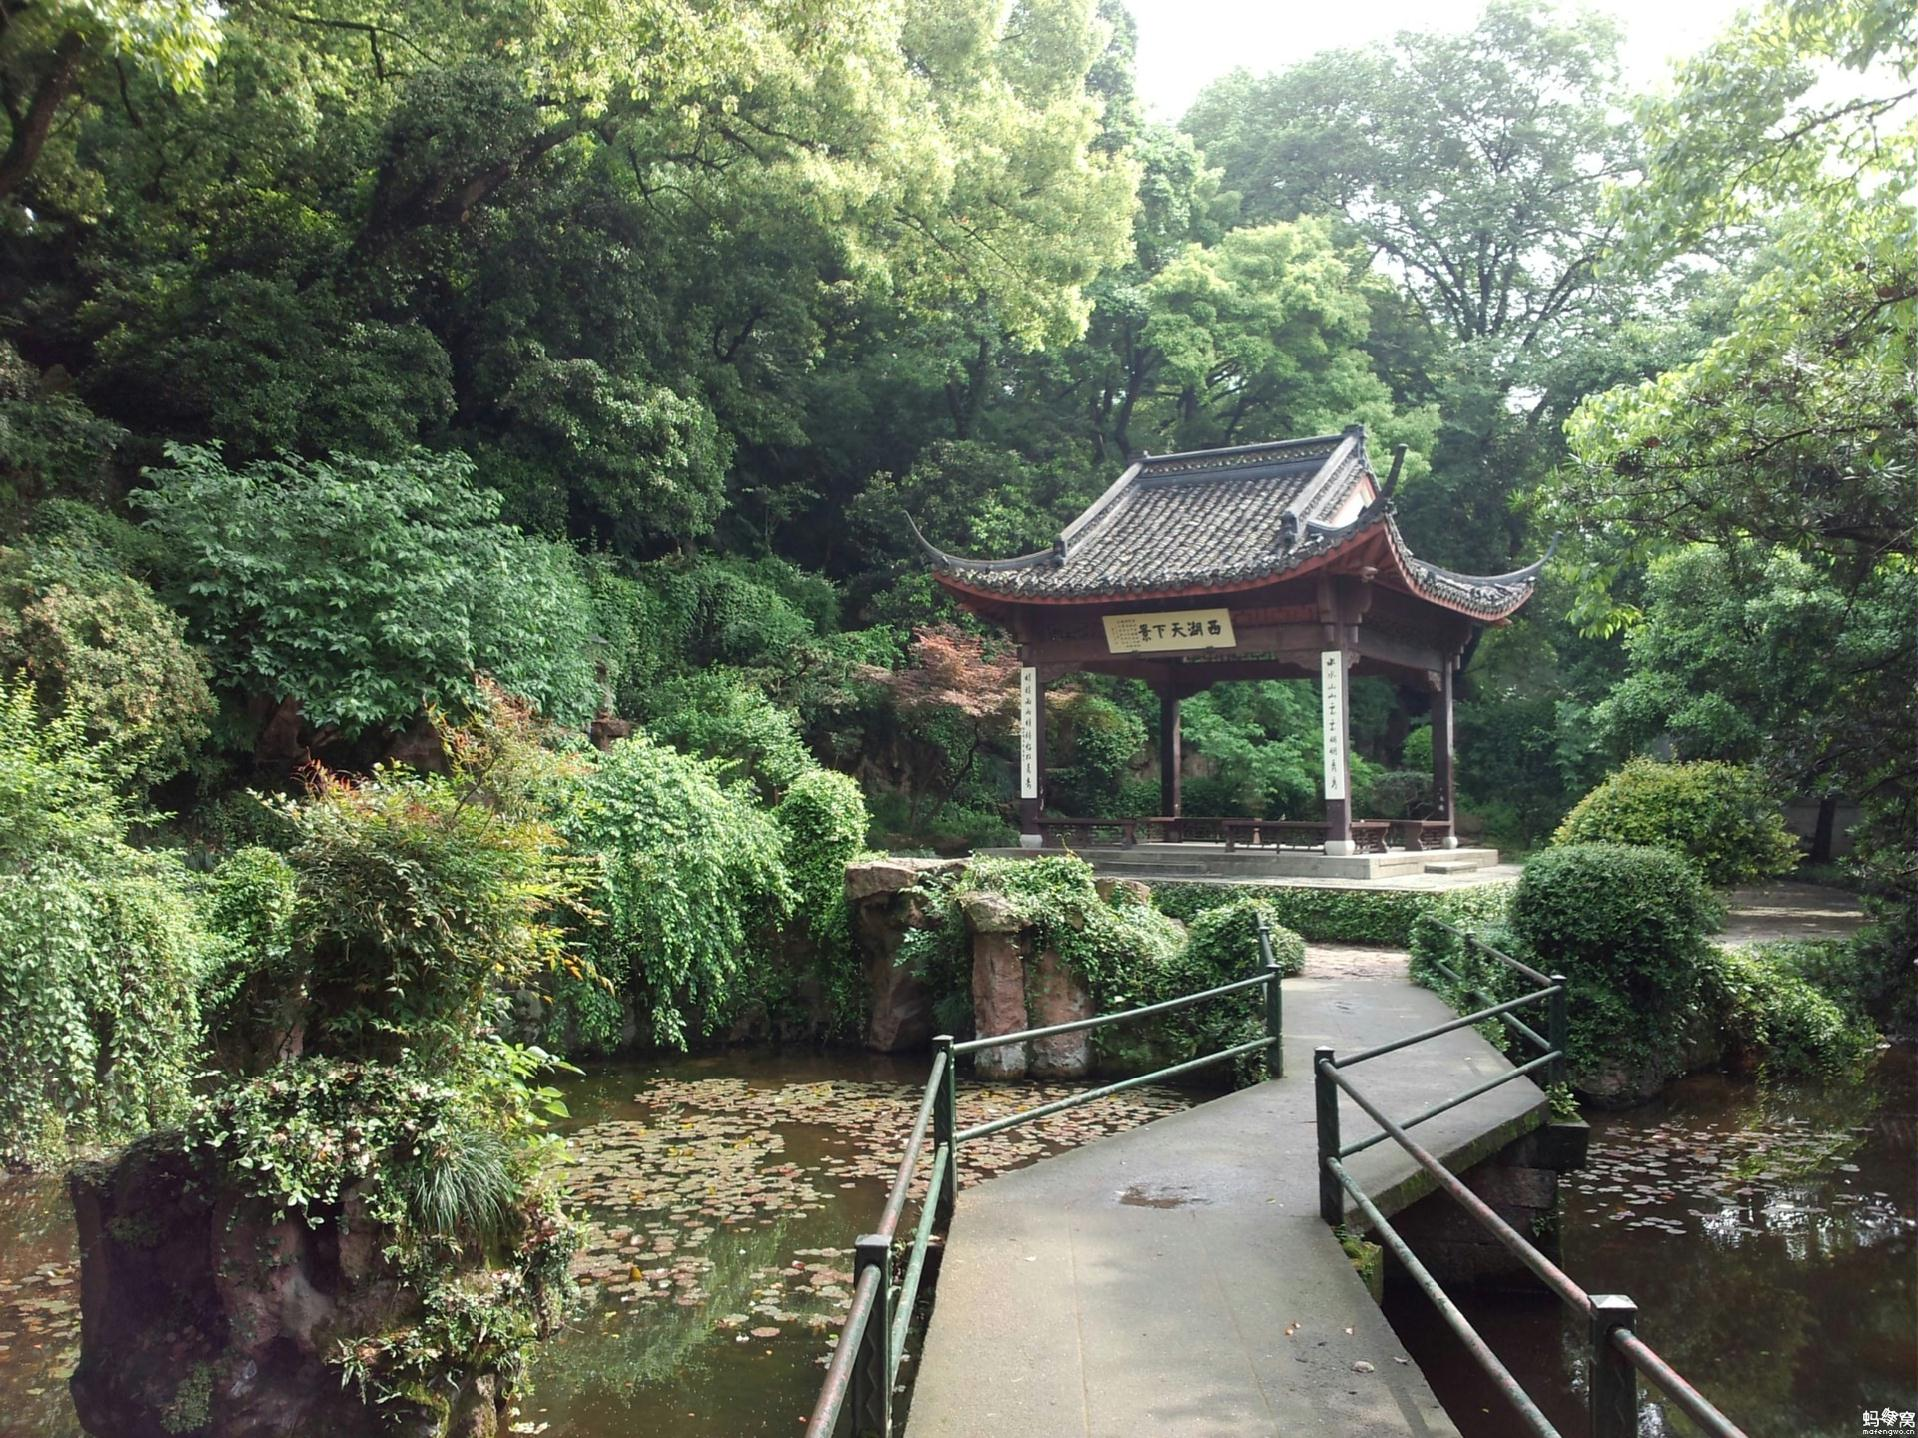 24小时游杭州,一日游也精彩